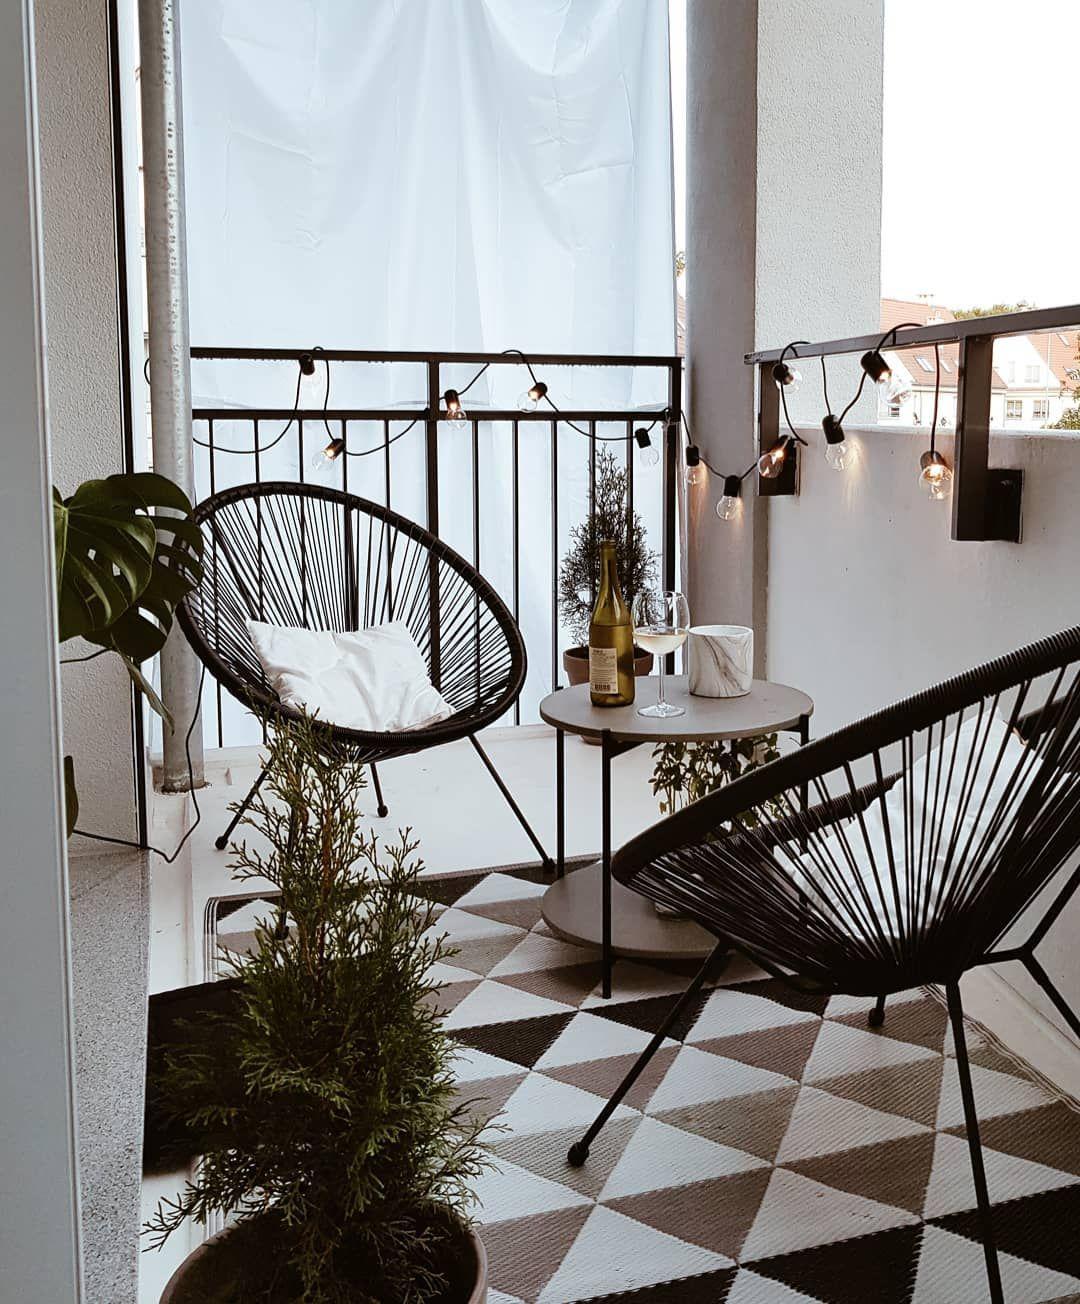 8 Winter Balkon Ideen   balkon, winter balkon, balkon dekor